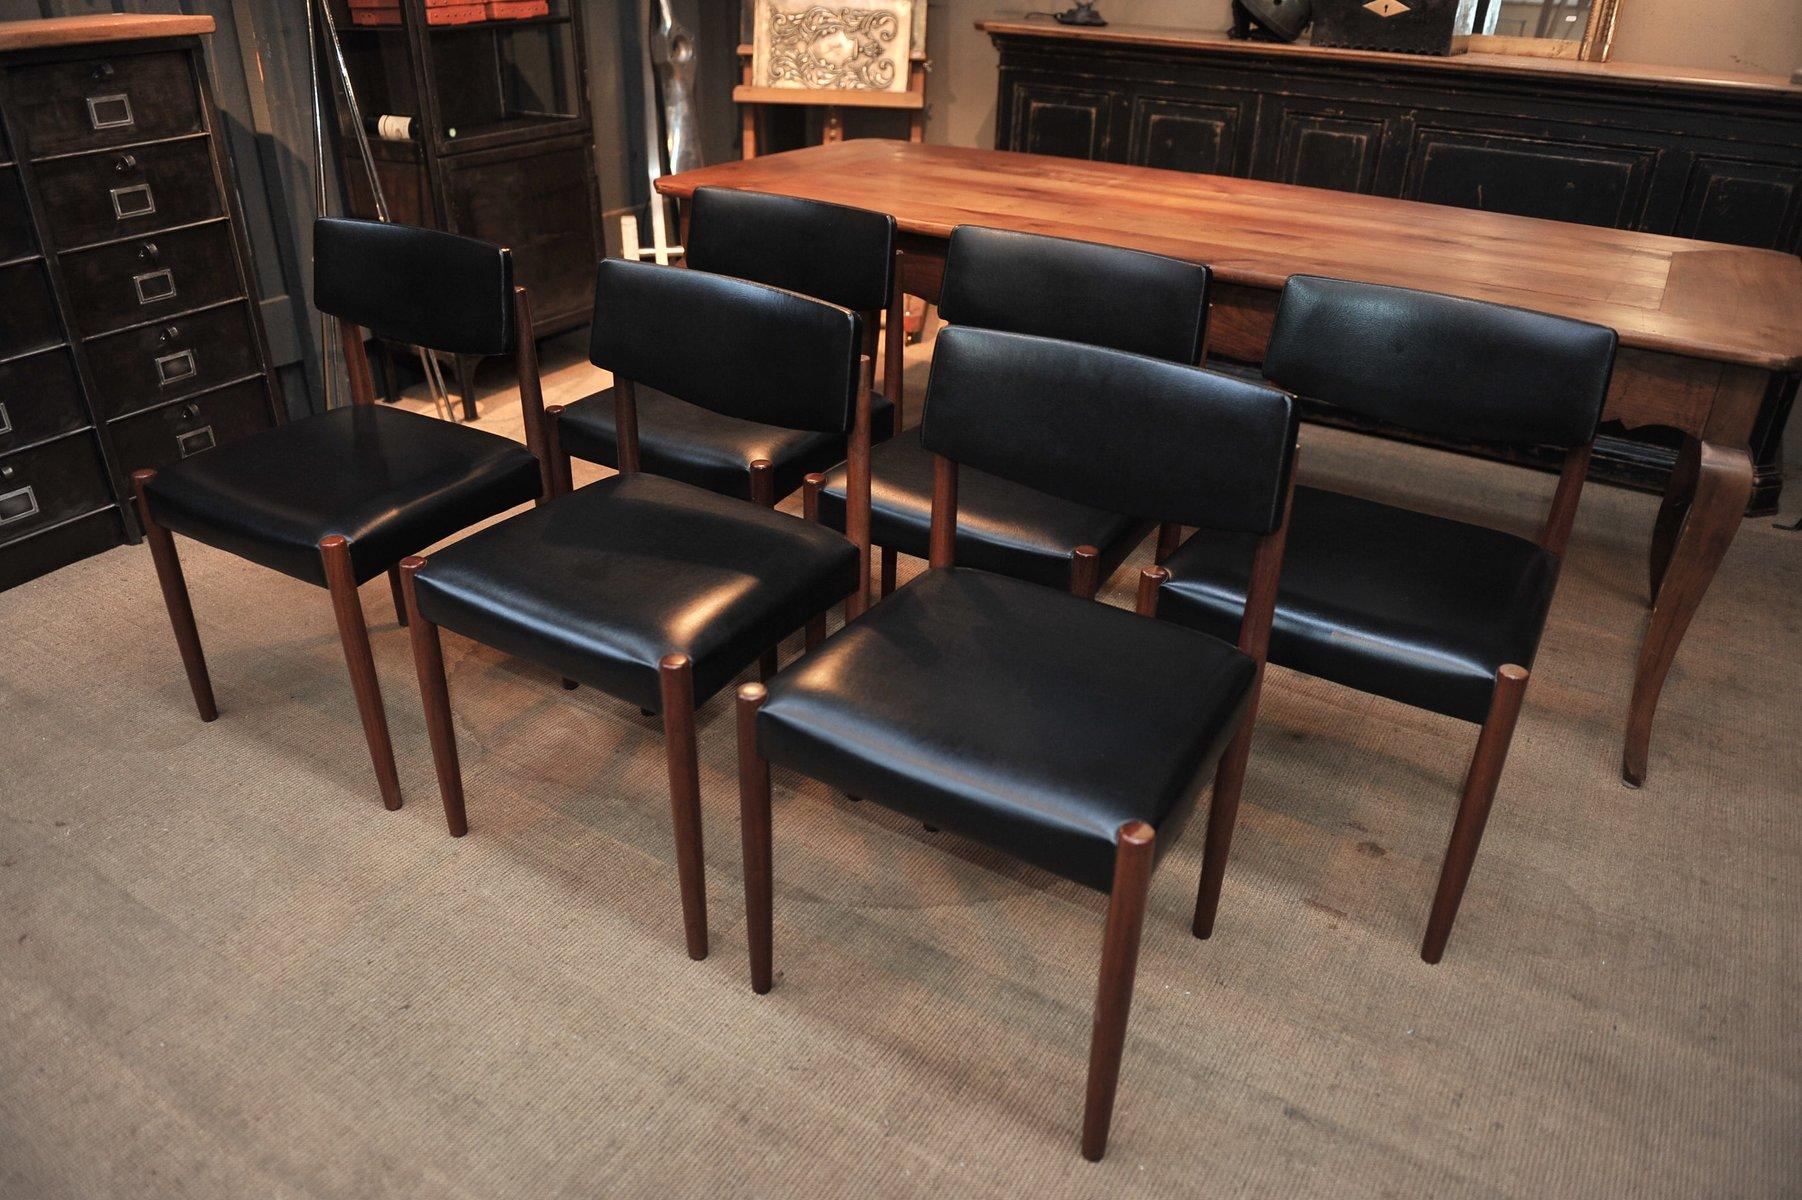 skandinavische mid century st hle aus teakholz kunststoff 1960er 6er set bei pamono kaufen. Black Bedroom Furniture Sets. Home Design Ideas